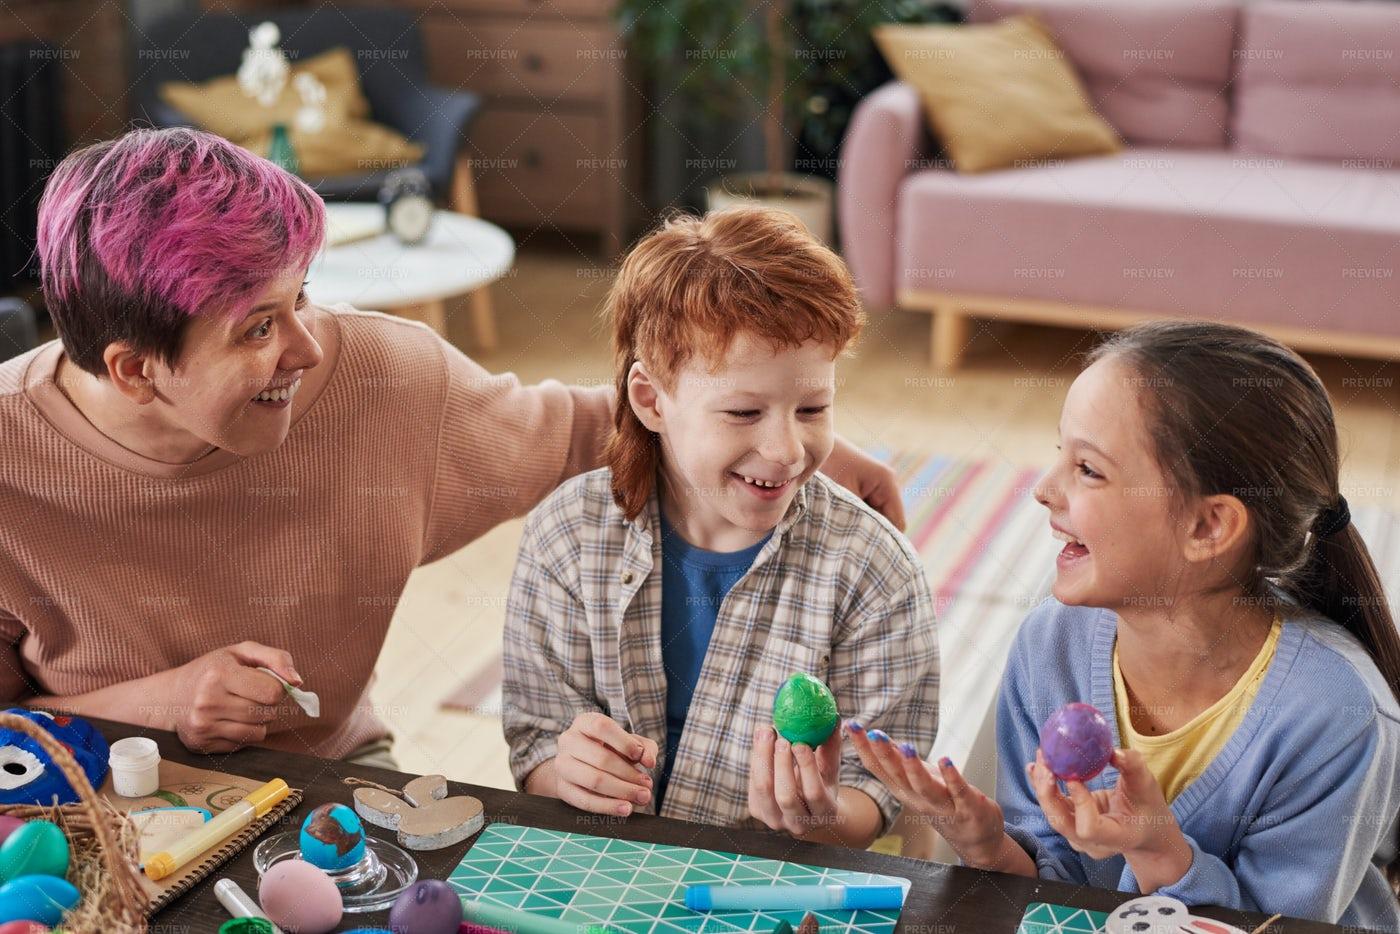 Family Having Fun At Home: Stock Photos